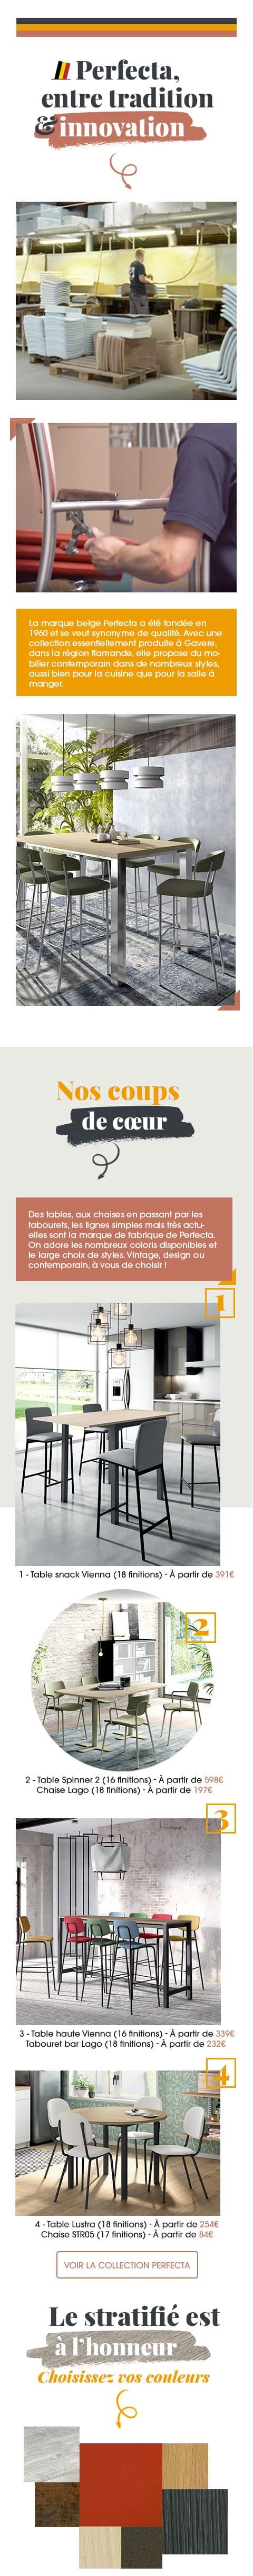 Présentation de notre partenaire Perfecta, marque belge fondée en 1960 qui se veut synonyme de qualité.